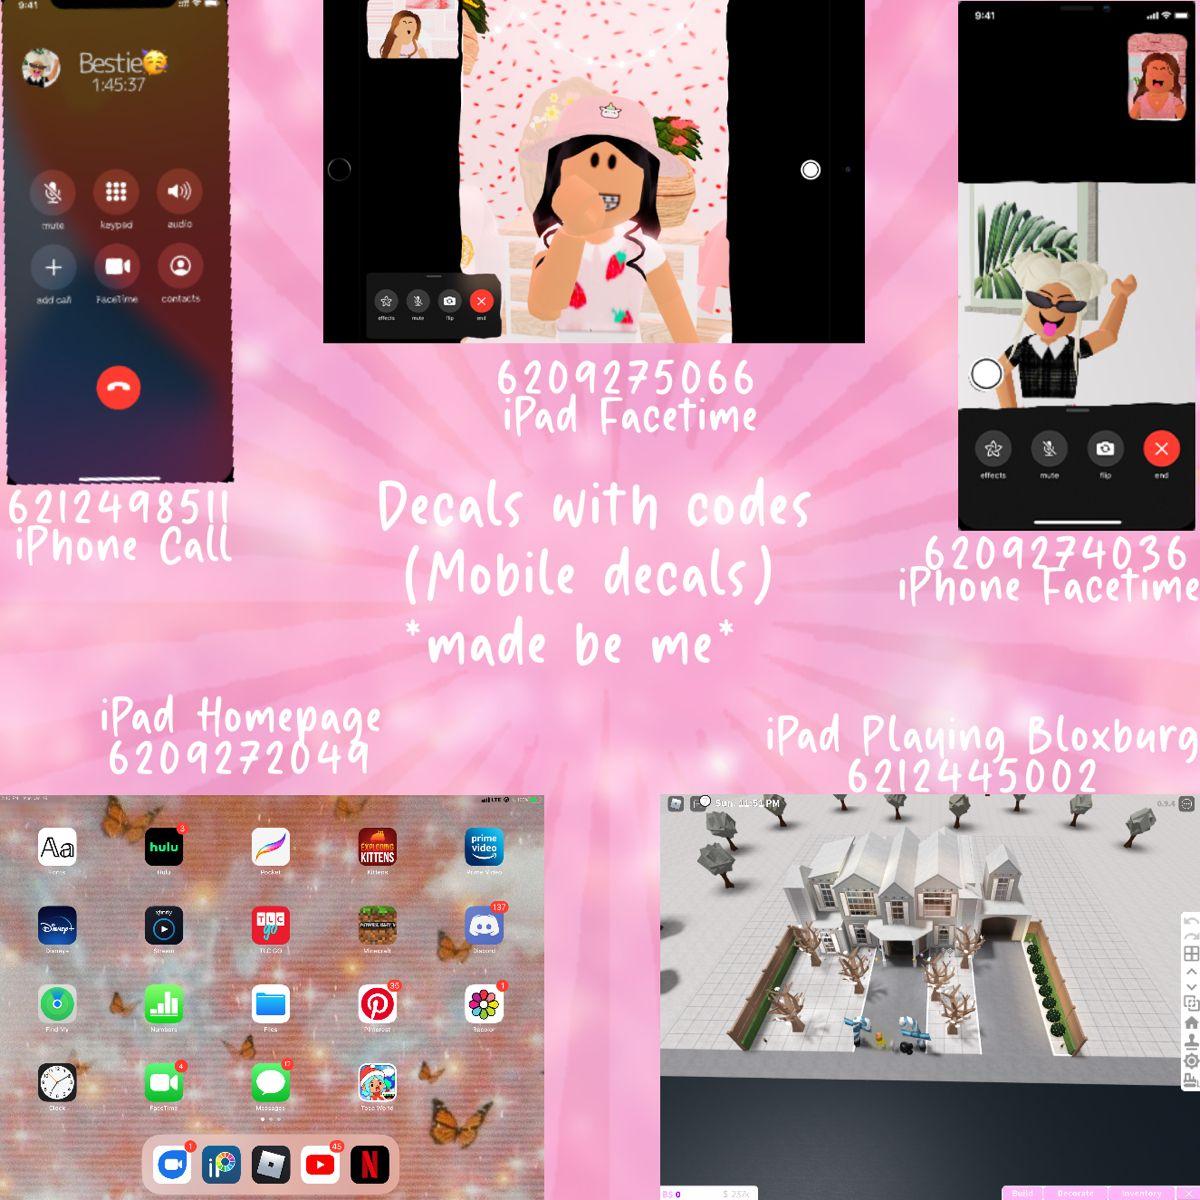 Bloxburg Mobile Decals No Credit Needed In 2021 Bloxburg Decal Codes Bloxburg Decals Codes Ipad Picture